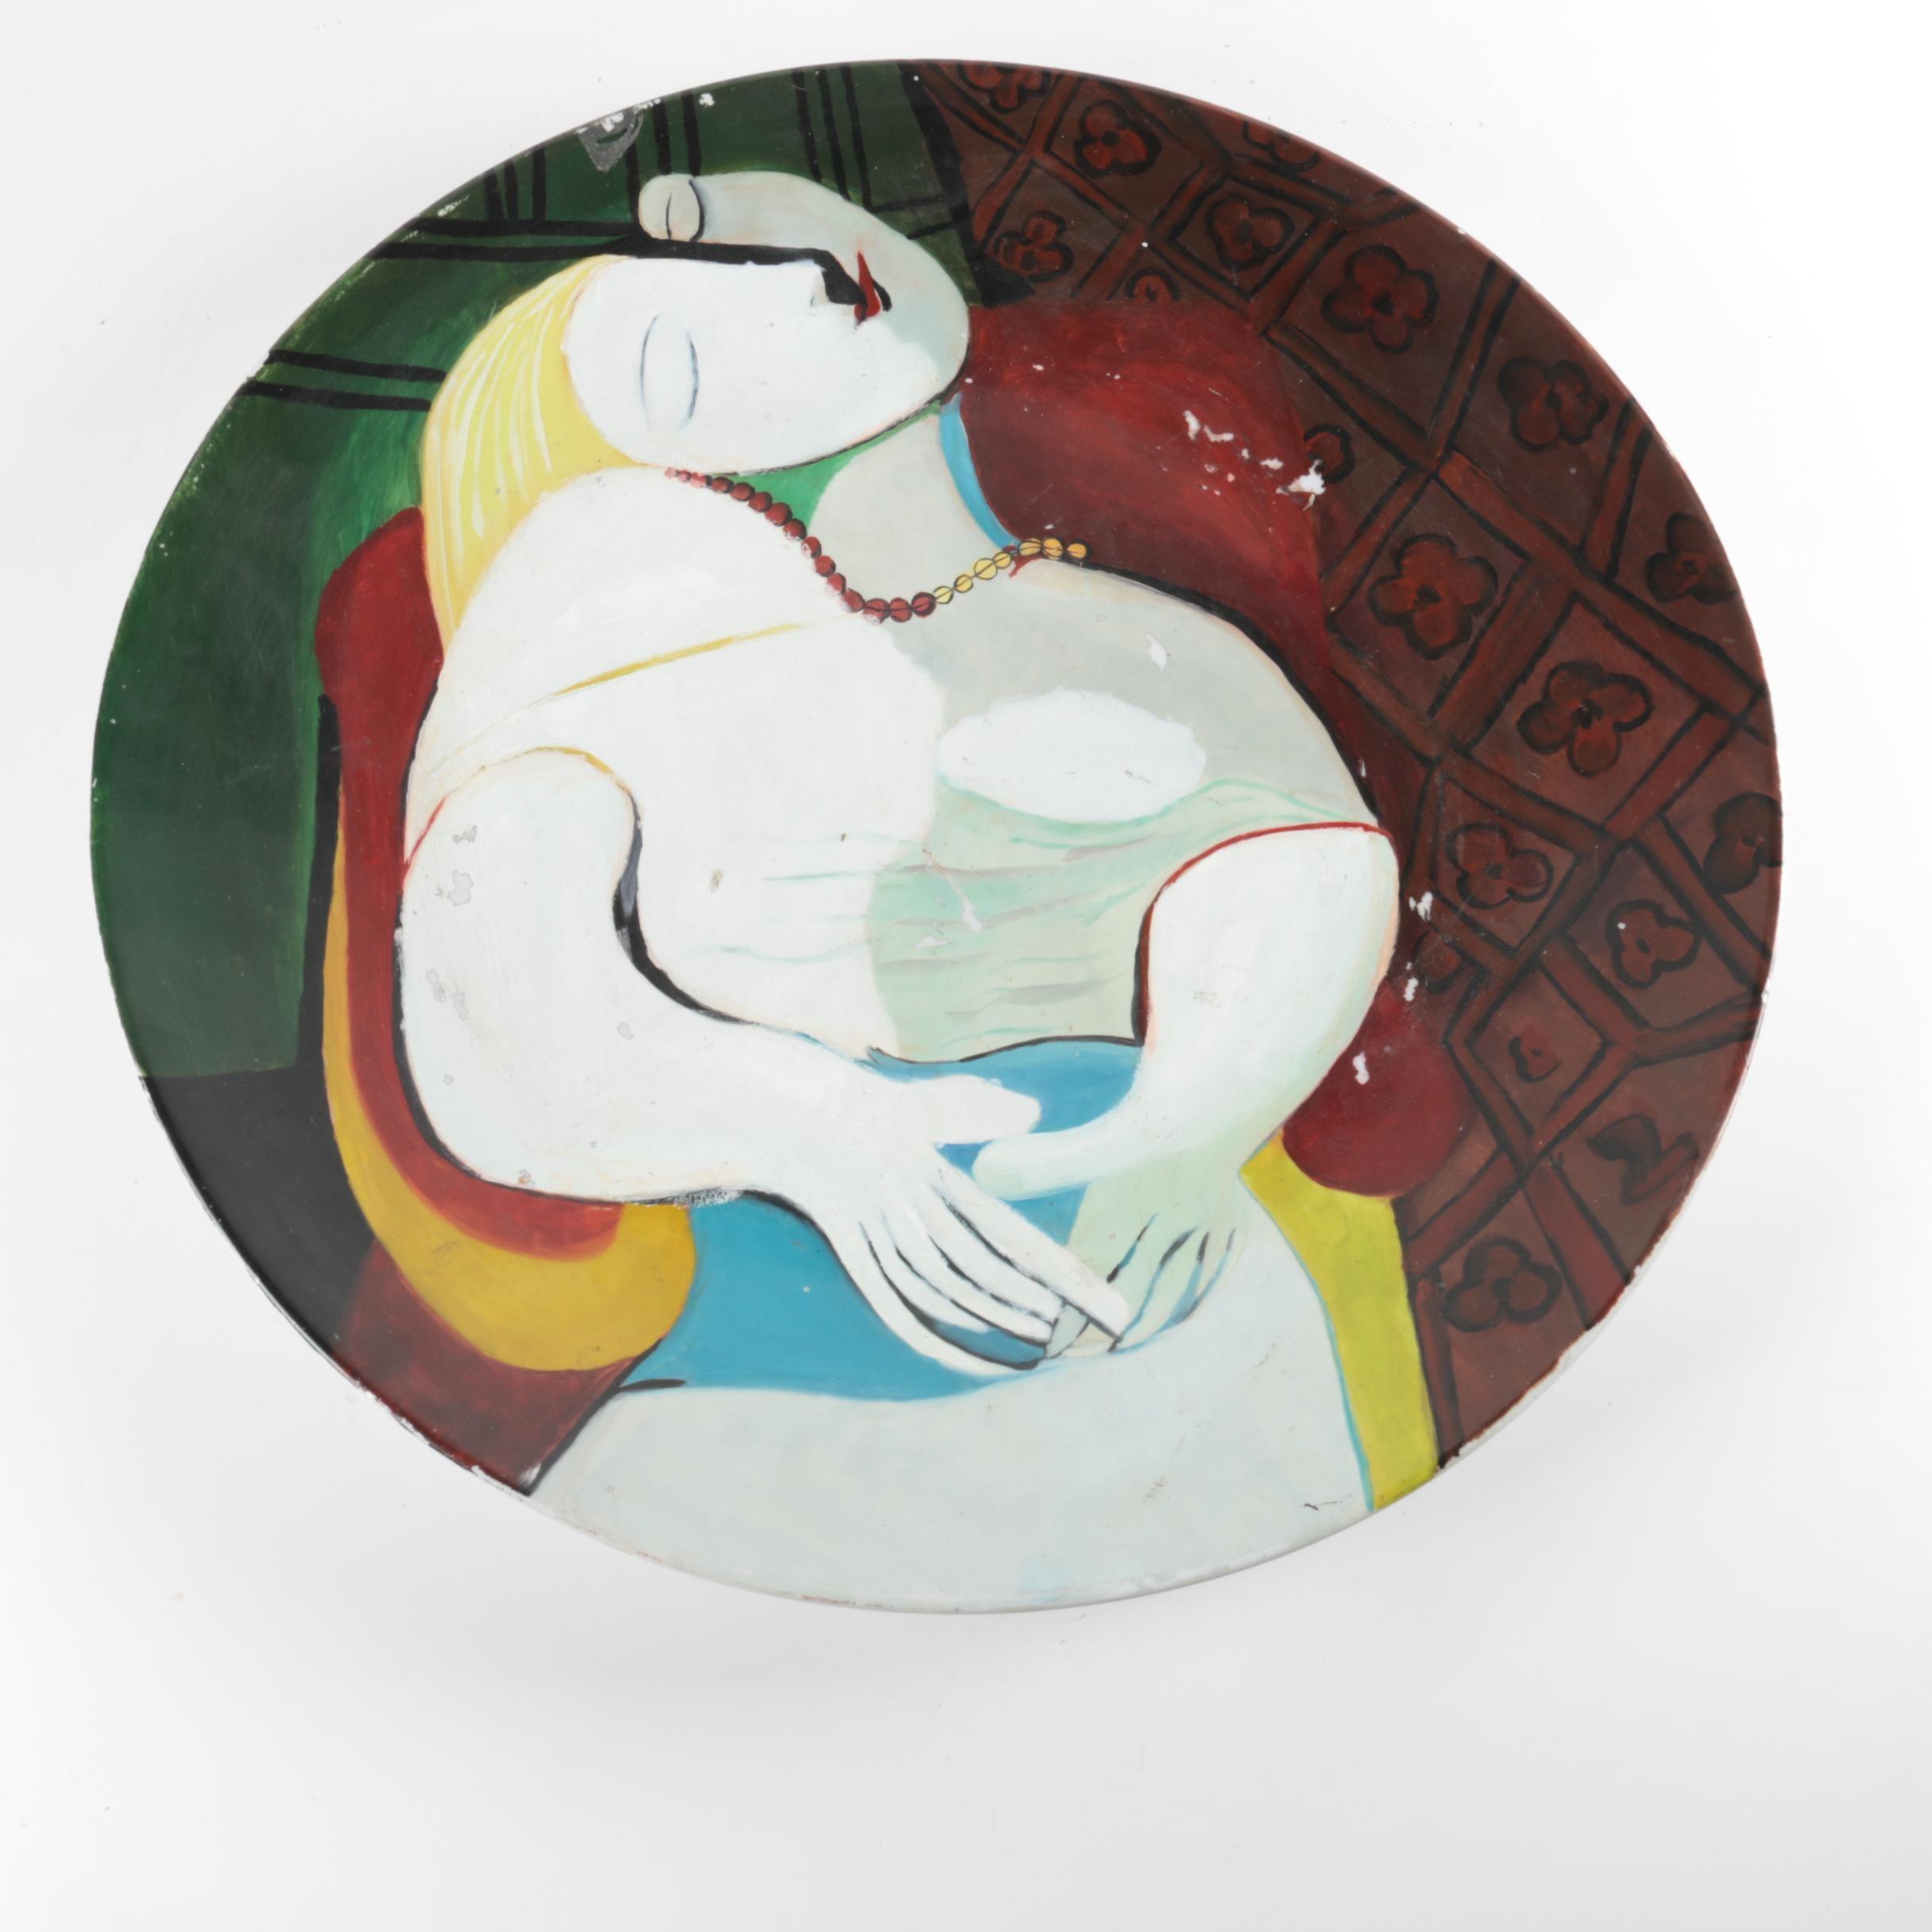 """Art Pottery Platter After Picasso's """"La Rev"""""""